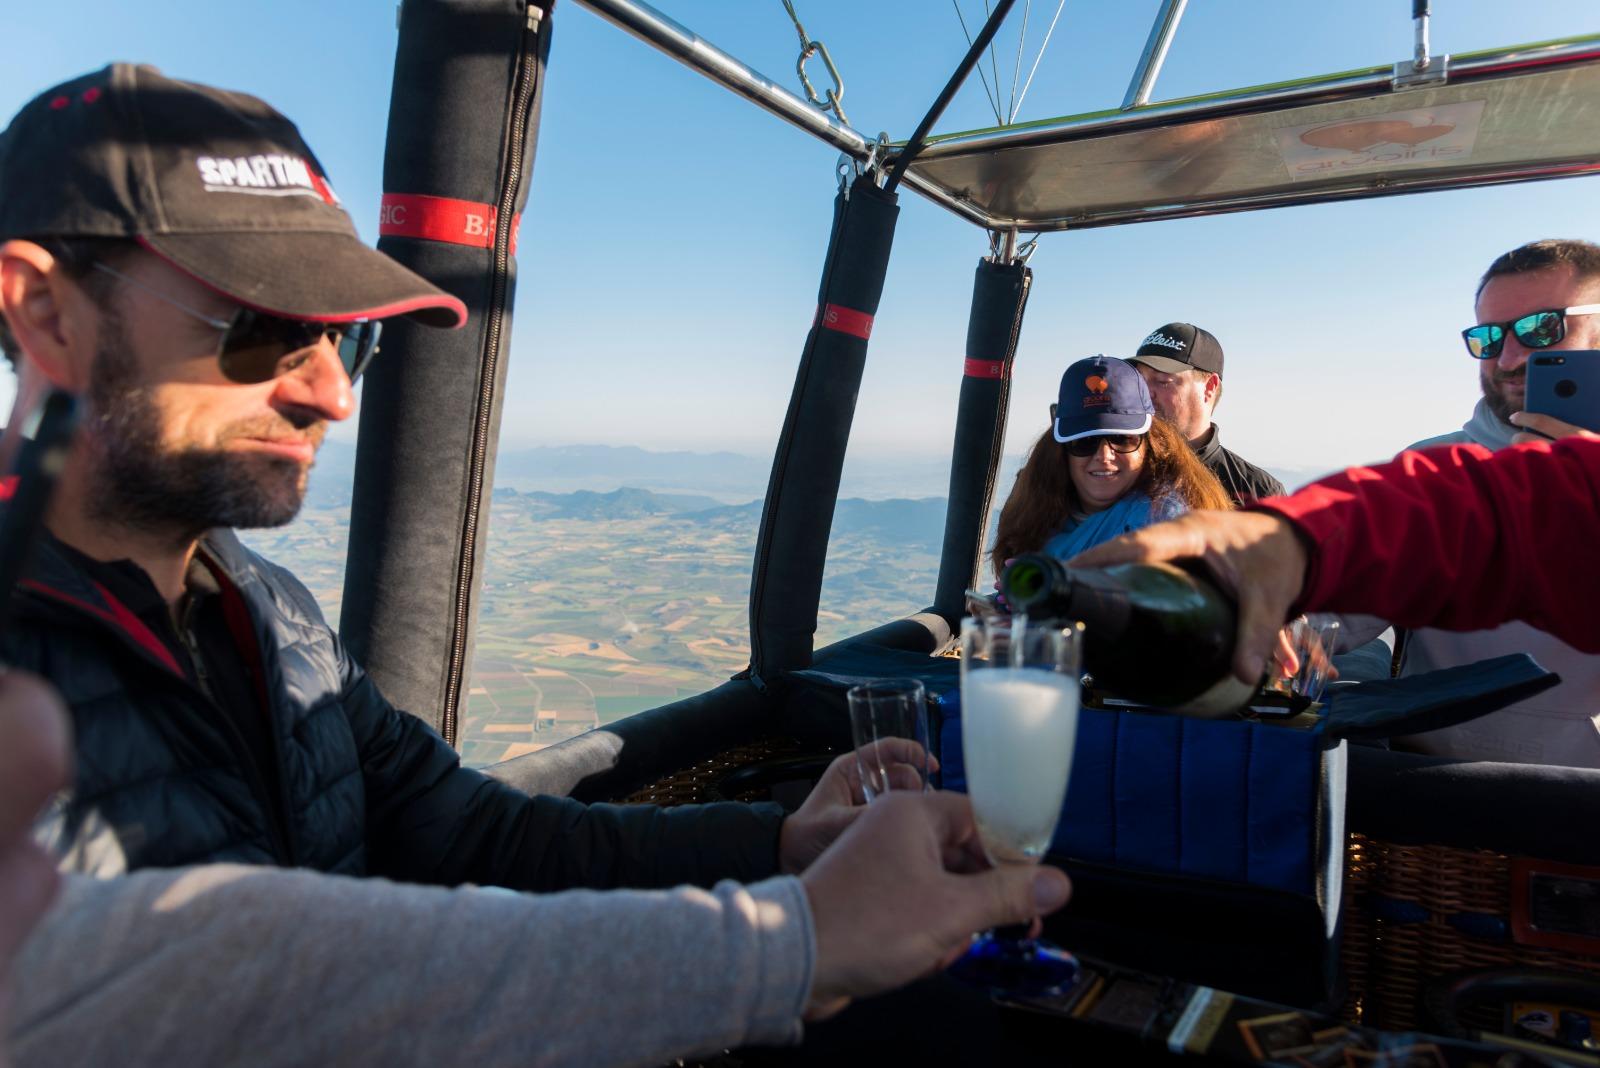 La experiencia de subir en globo es muy recomendable